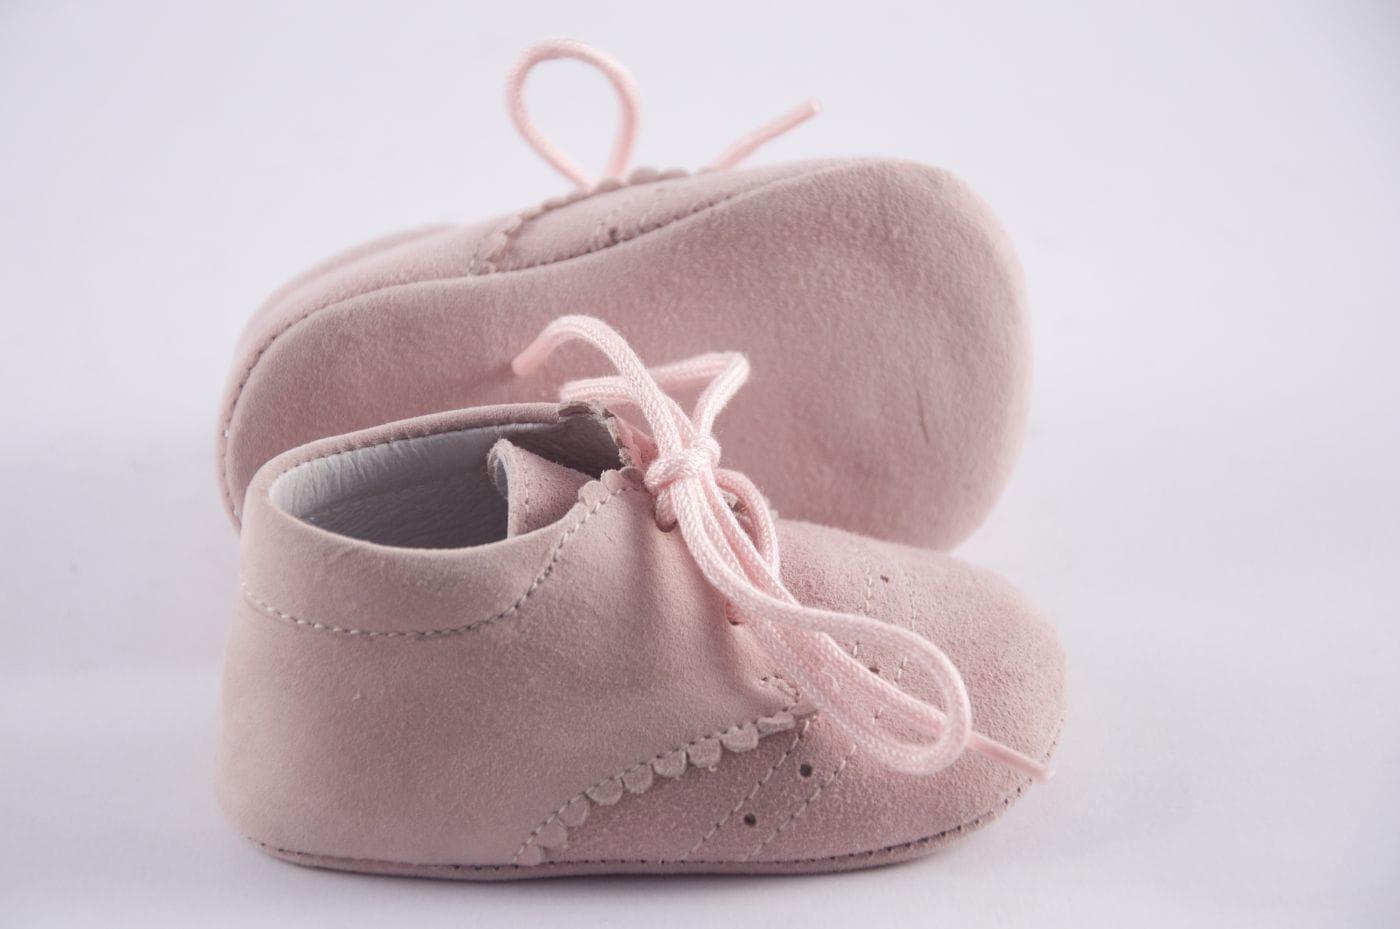 2e9f93b0d Comprar zapato tipo BEBE NIÑA estilo BOTAS COLOR ROSA ANTE